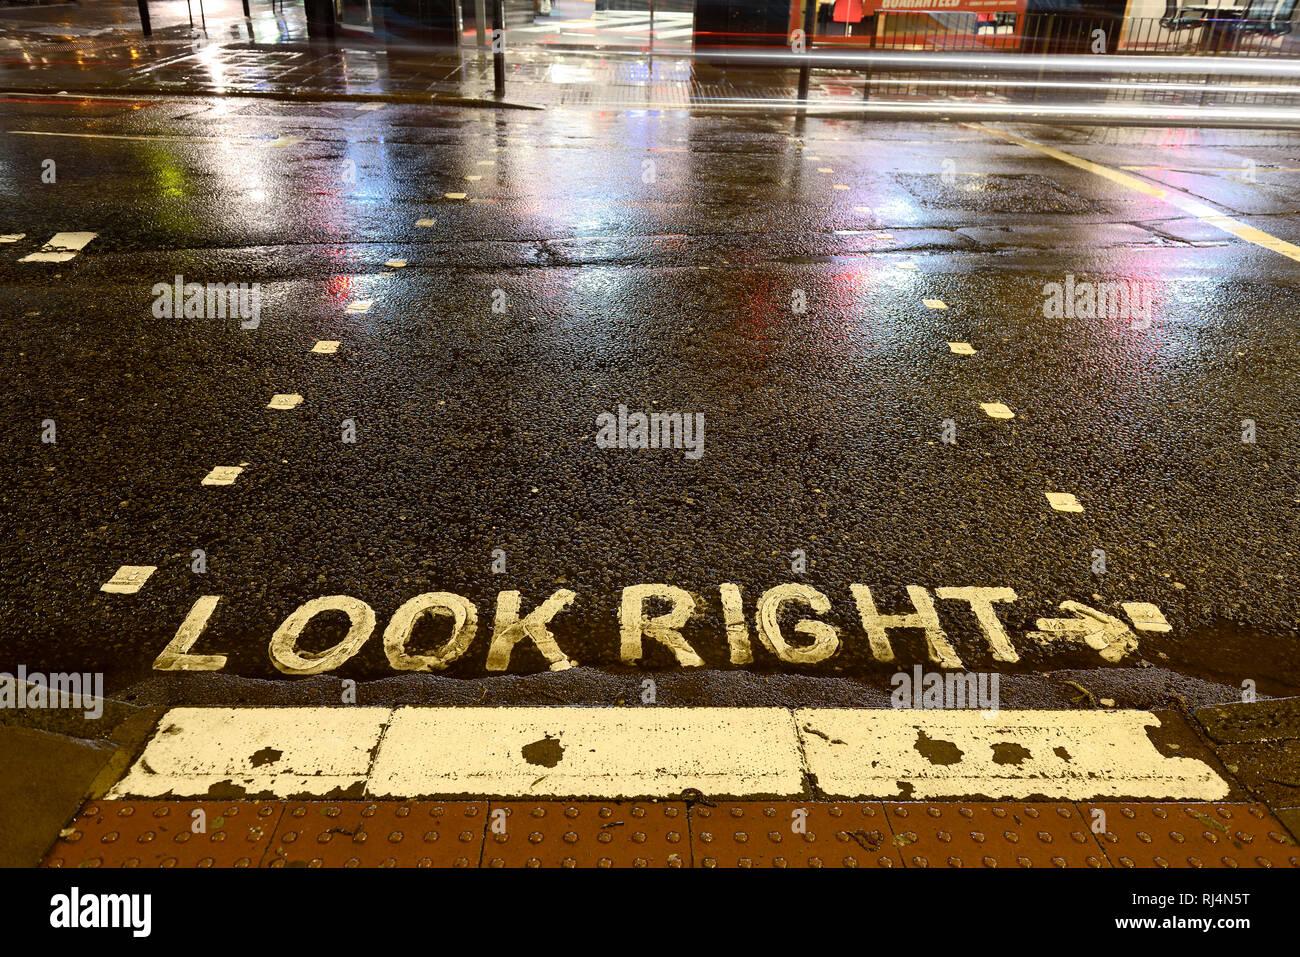 Straßenmarkierung auf einer regennassen Strasse, look right - Stock Image